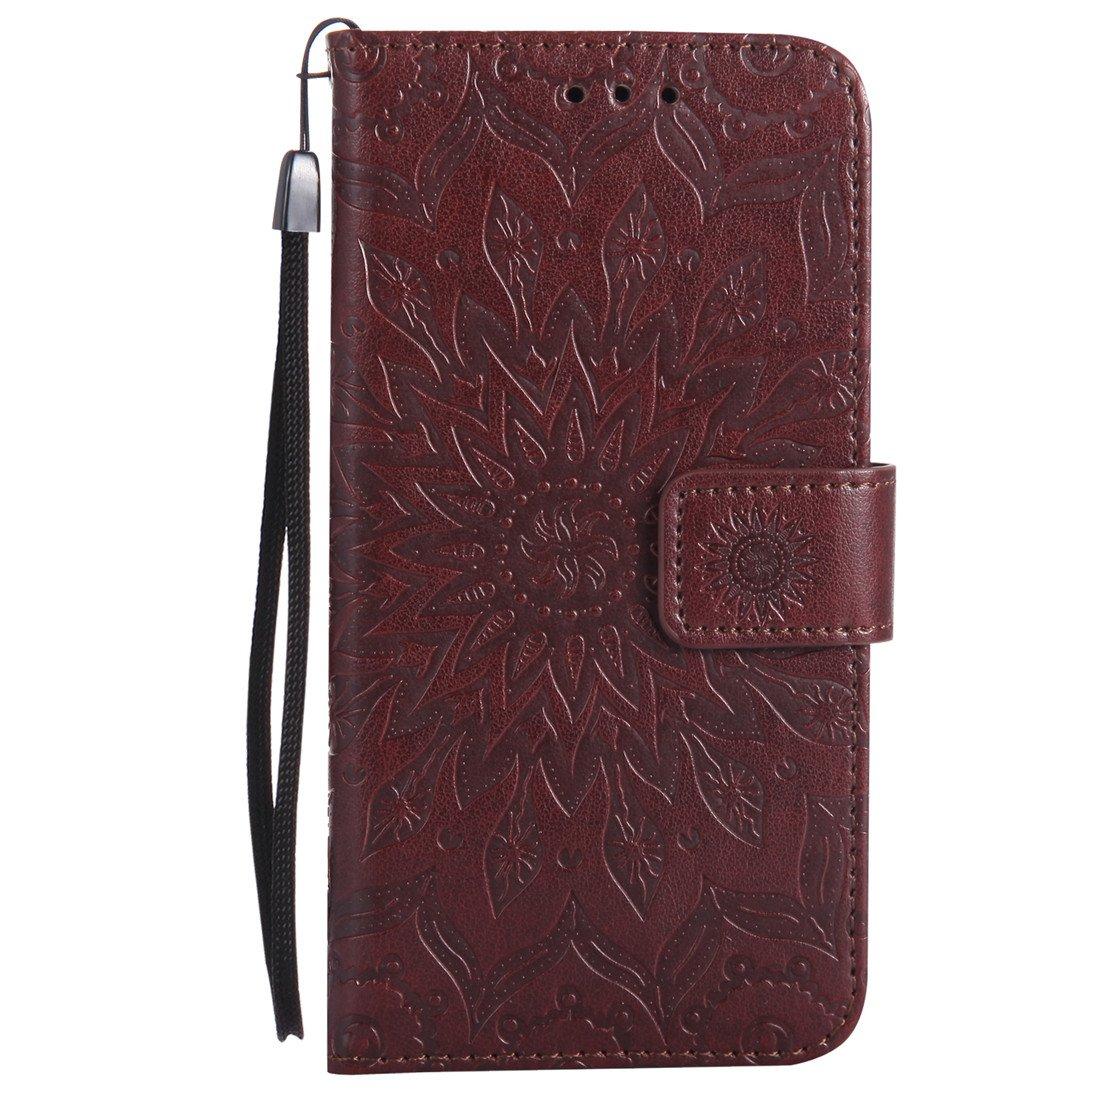 Flip Schutzh/ülle Zubeh/ör Lederh/ülle mit Silikon Back Cover PU Leder Handytasche 5,3 Zoll Nancen Compatible with Handyh/ülle LG K10